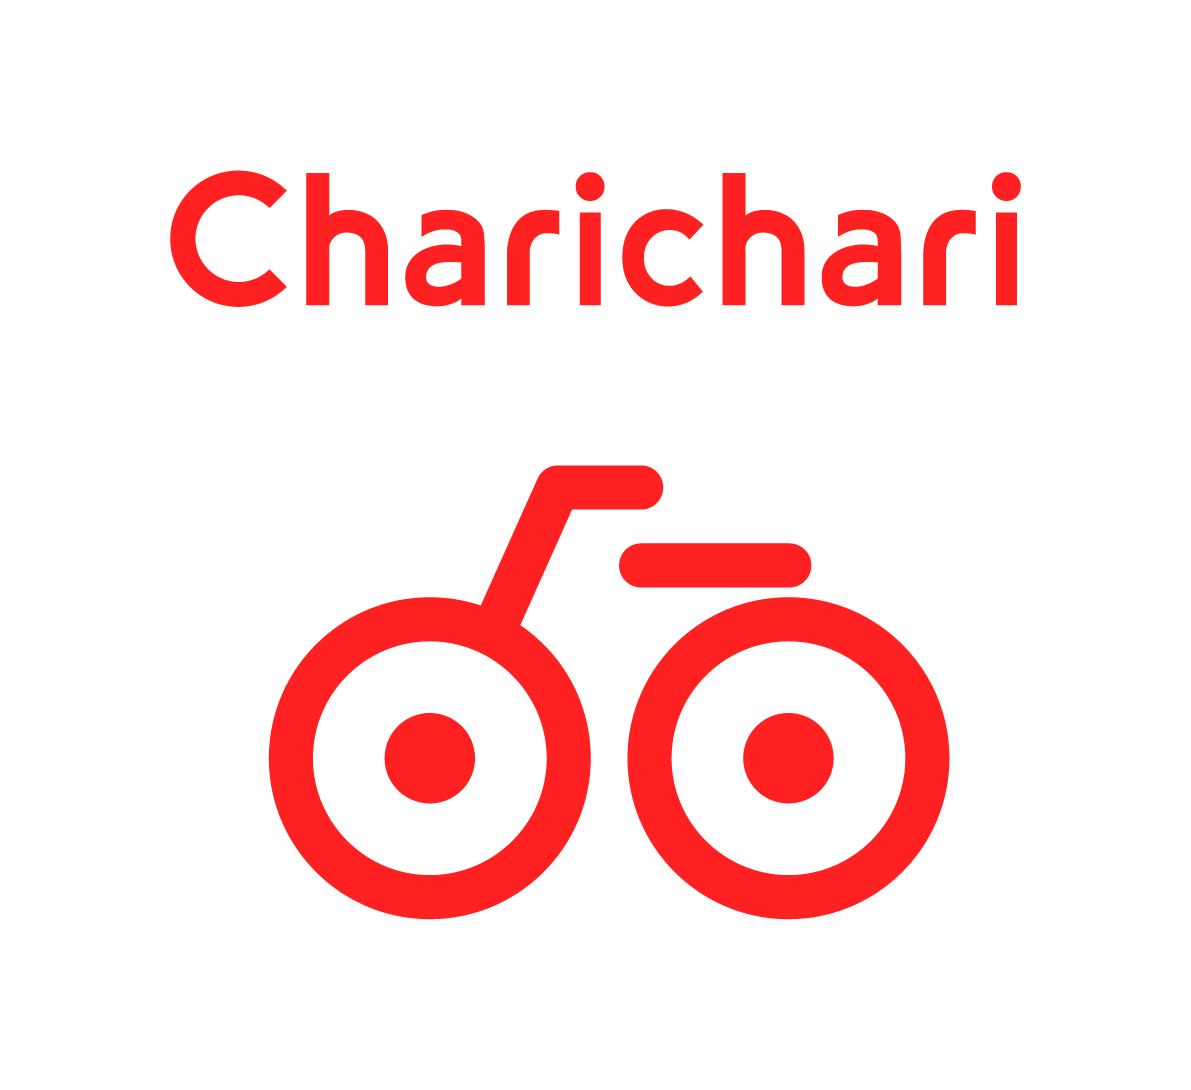 Charichari